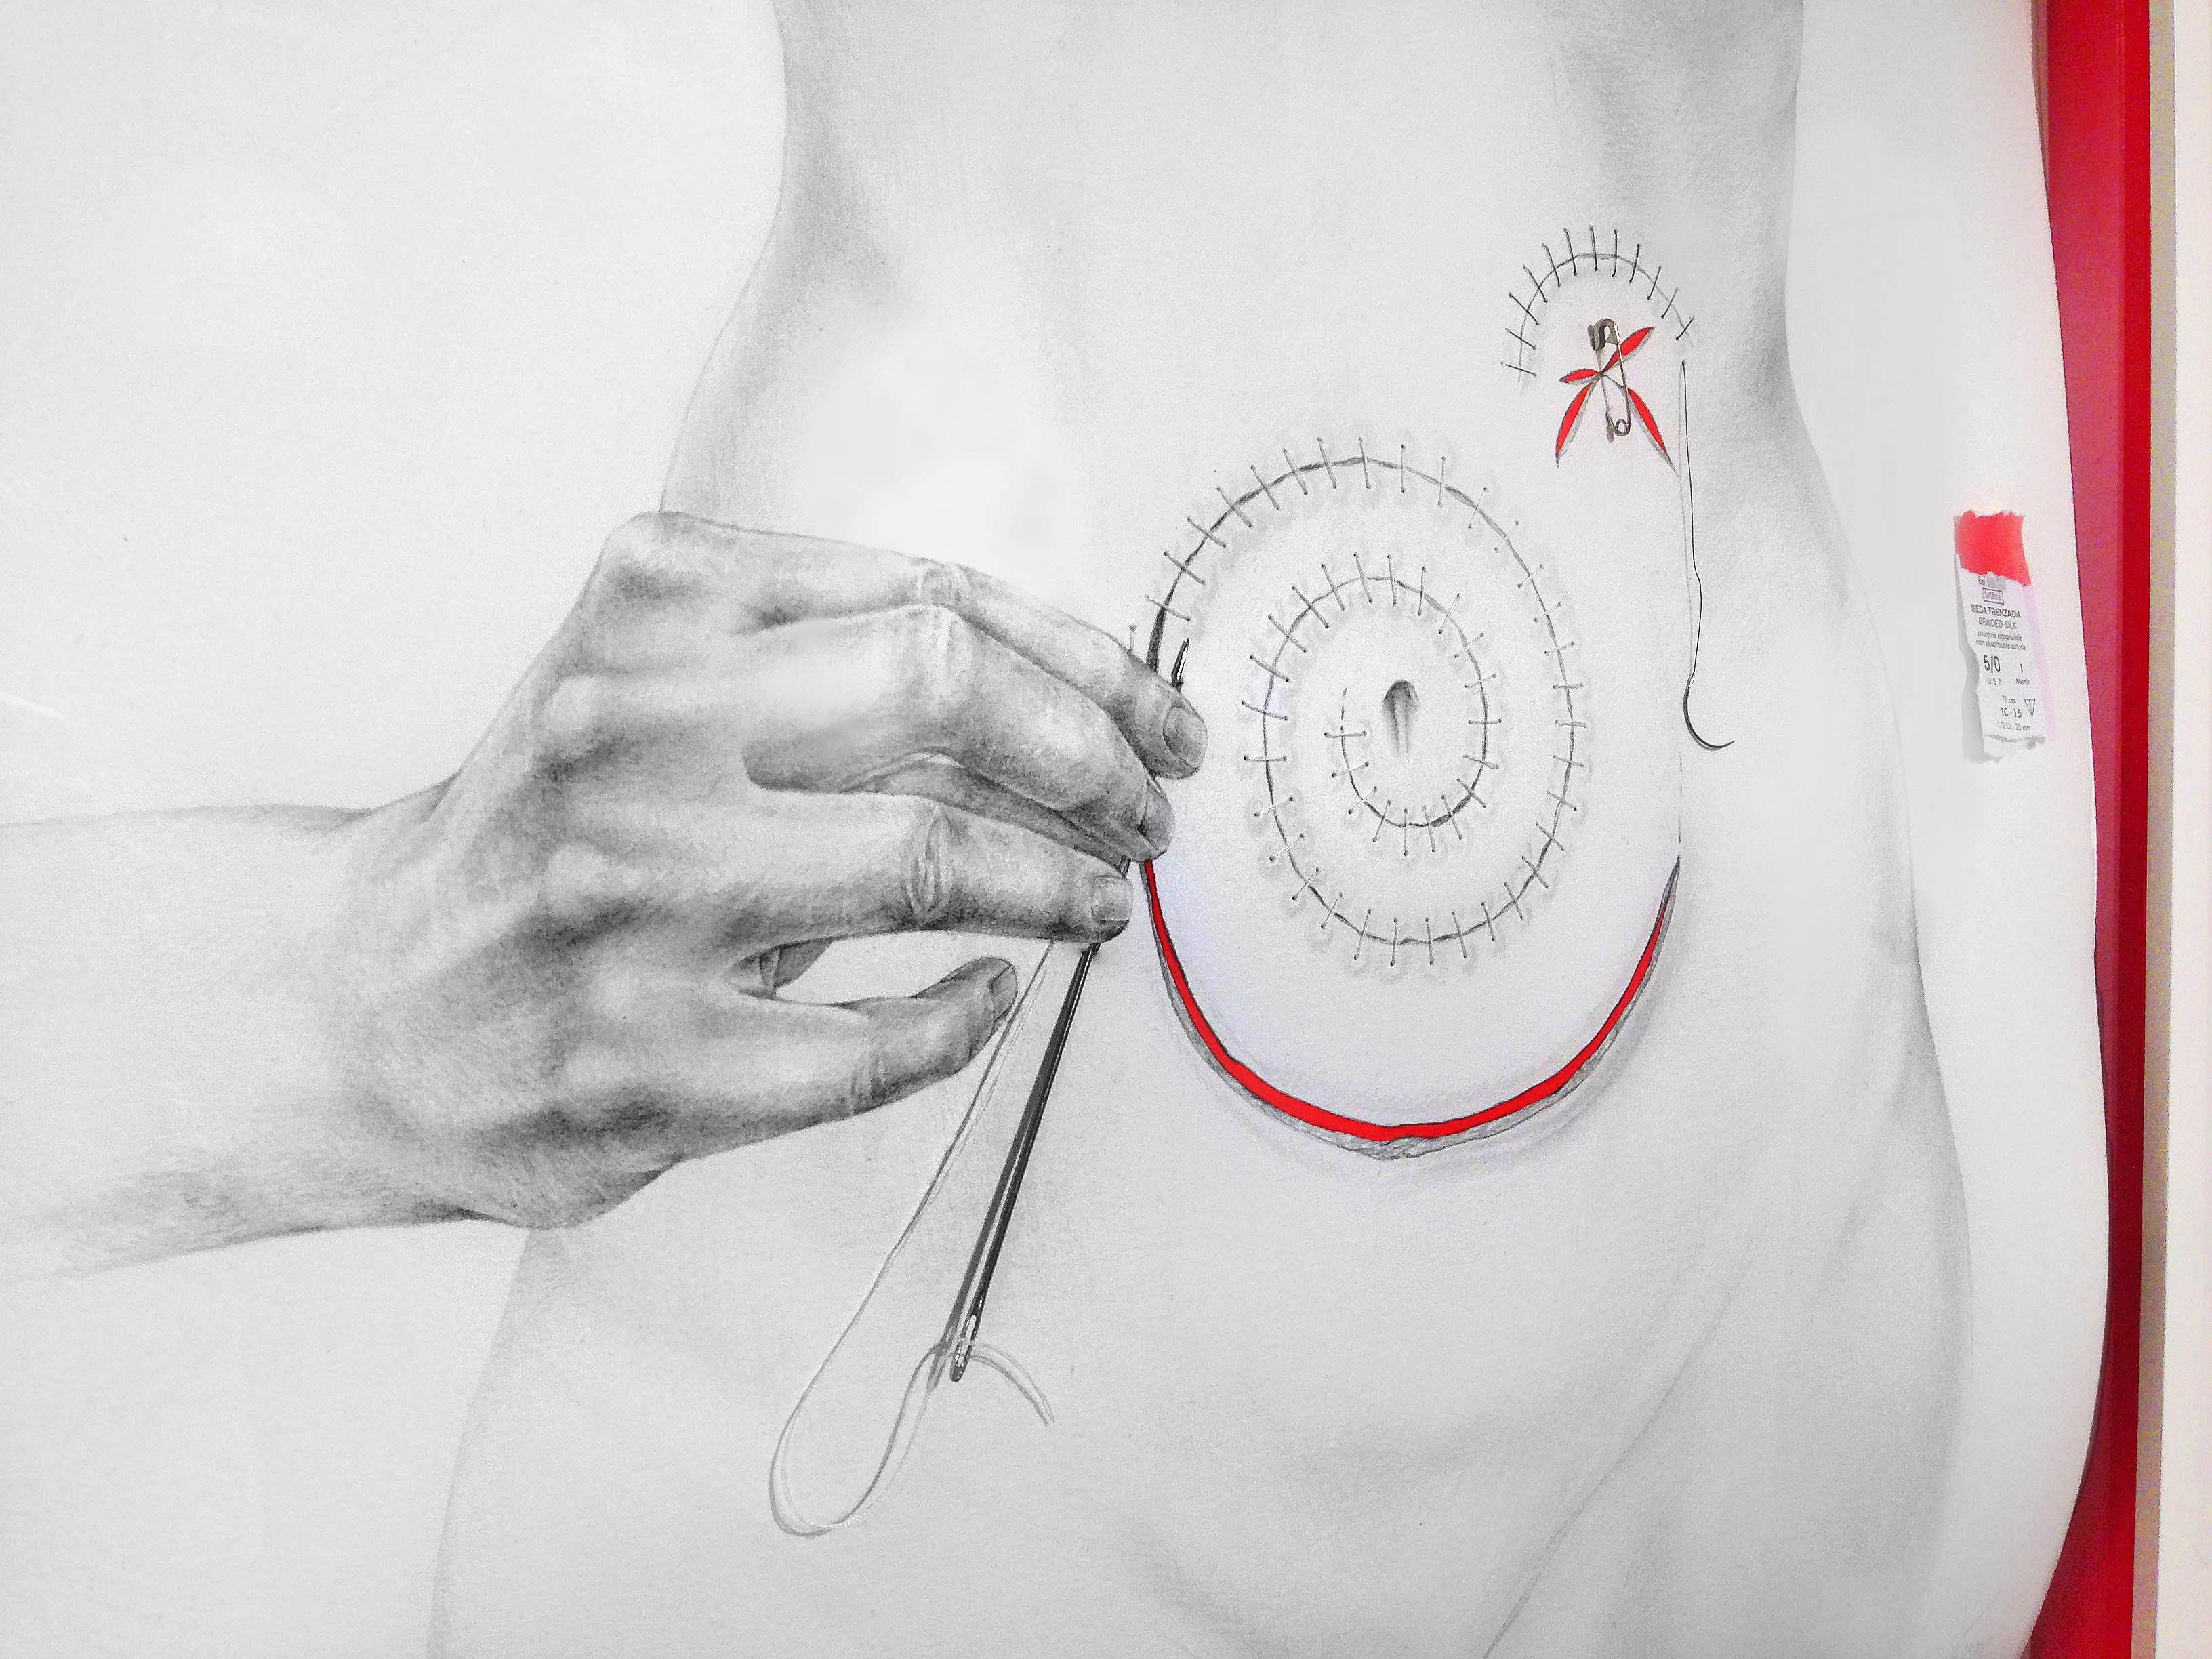 obra de arte cuerpo de mujer hecha con grafito por giselle vitali